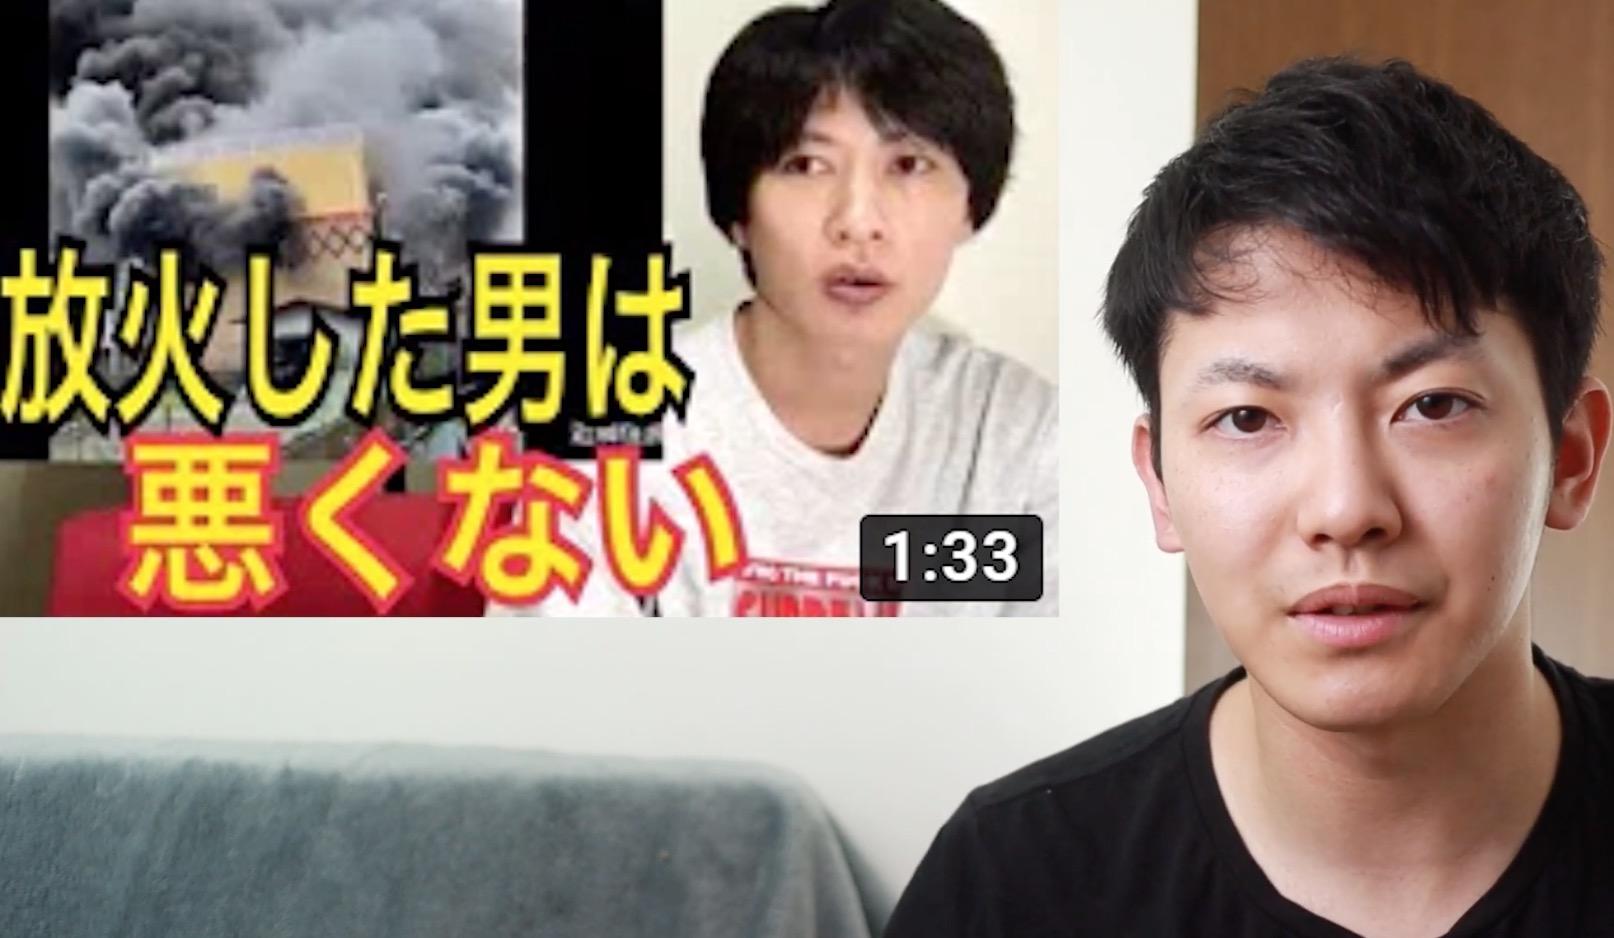 安藤チャンネル 年齢